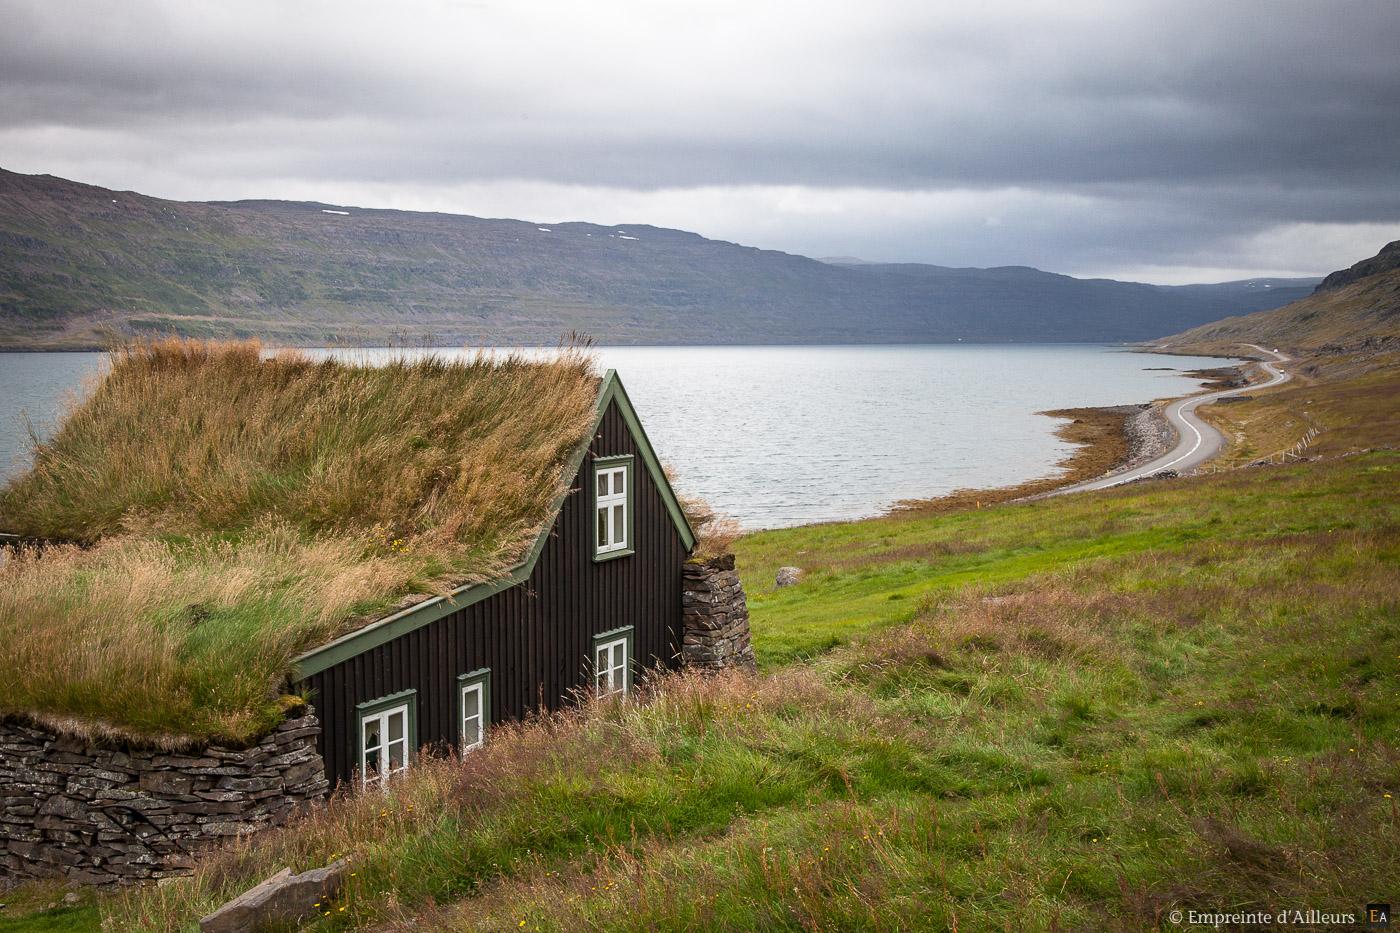 Maison traditionnelle islandaise empreinte d 39 ailleurs for Maison traditionnelle laos